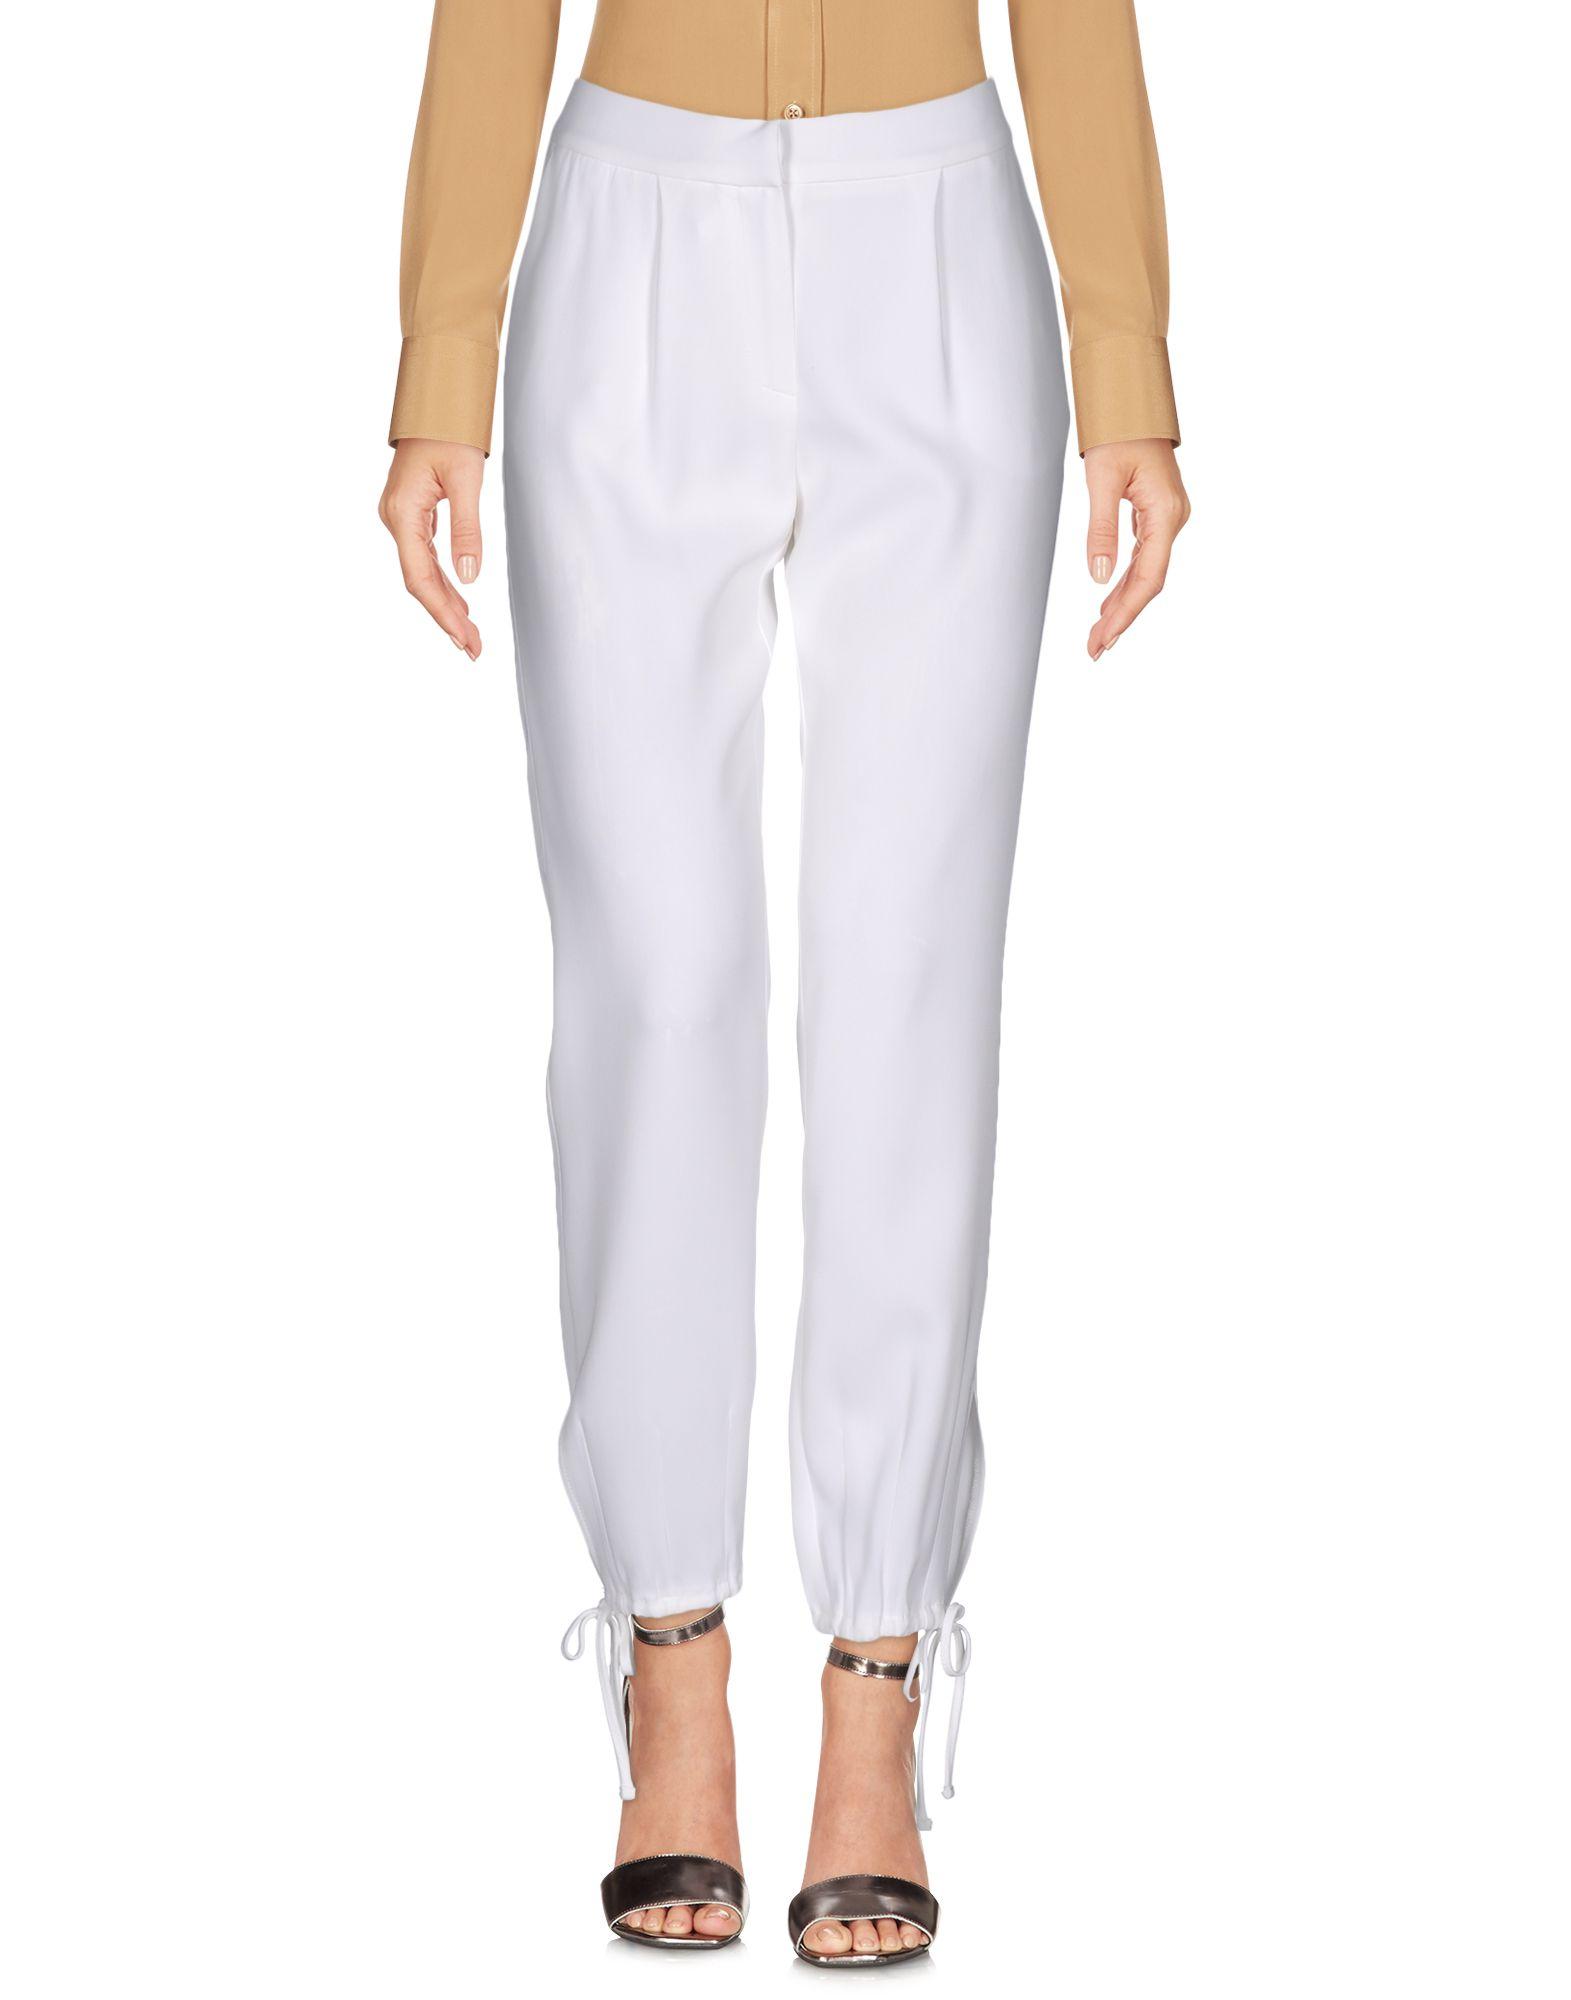 SIMONA CORSELLINI Damen Hose Farbe Weiß Größe 3 jetztbilligerkaufen